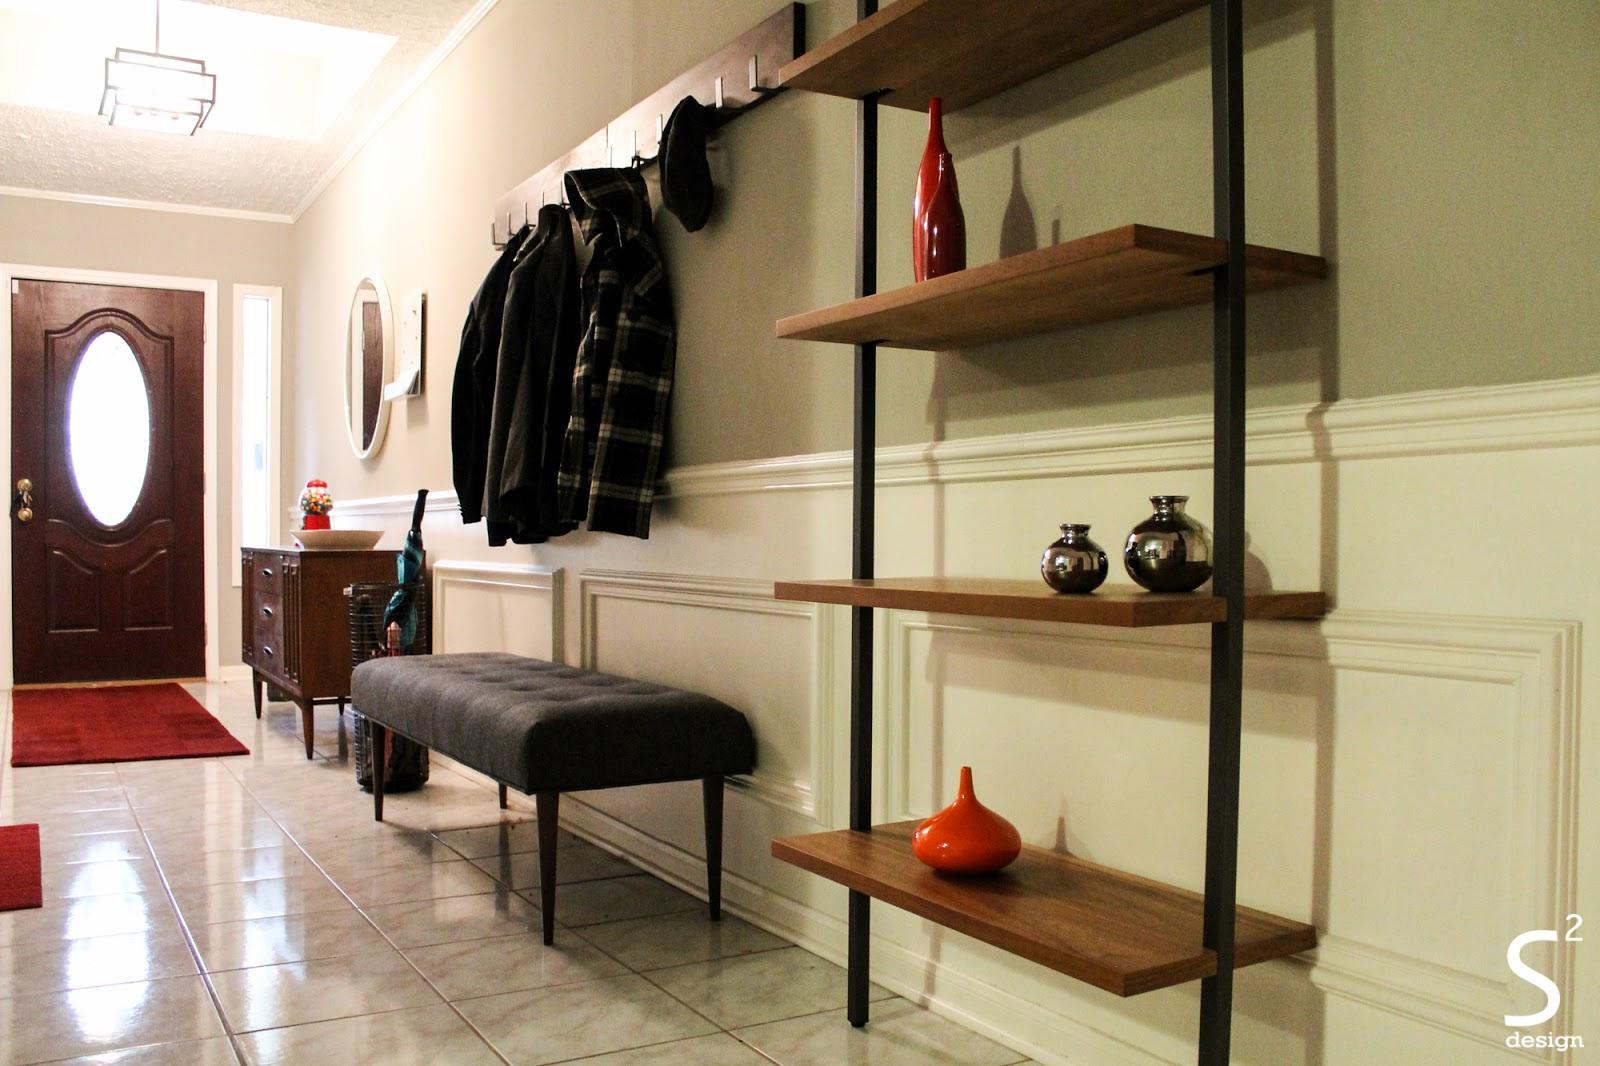 BlogModern Residential Interior Design HoustonS Squared Design